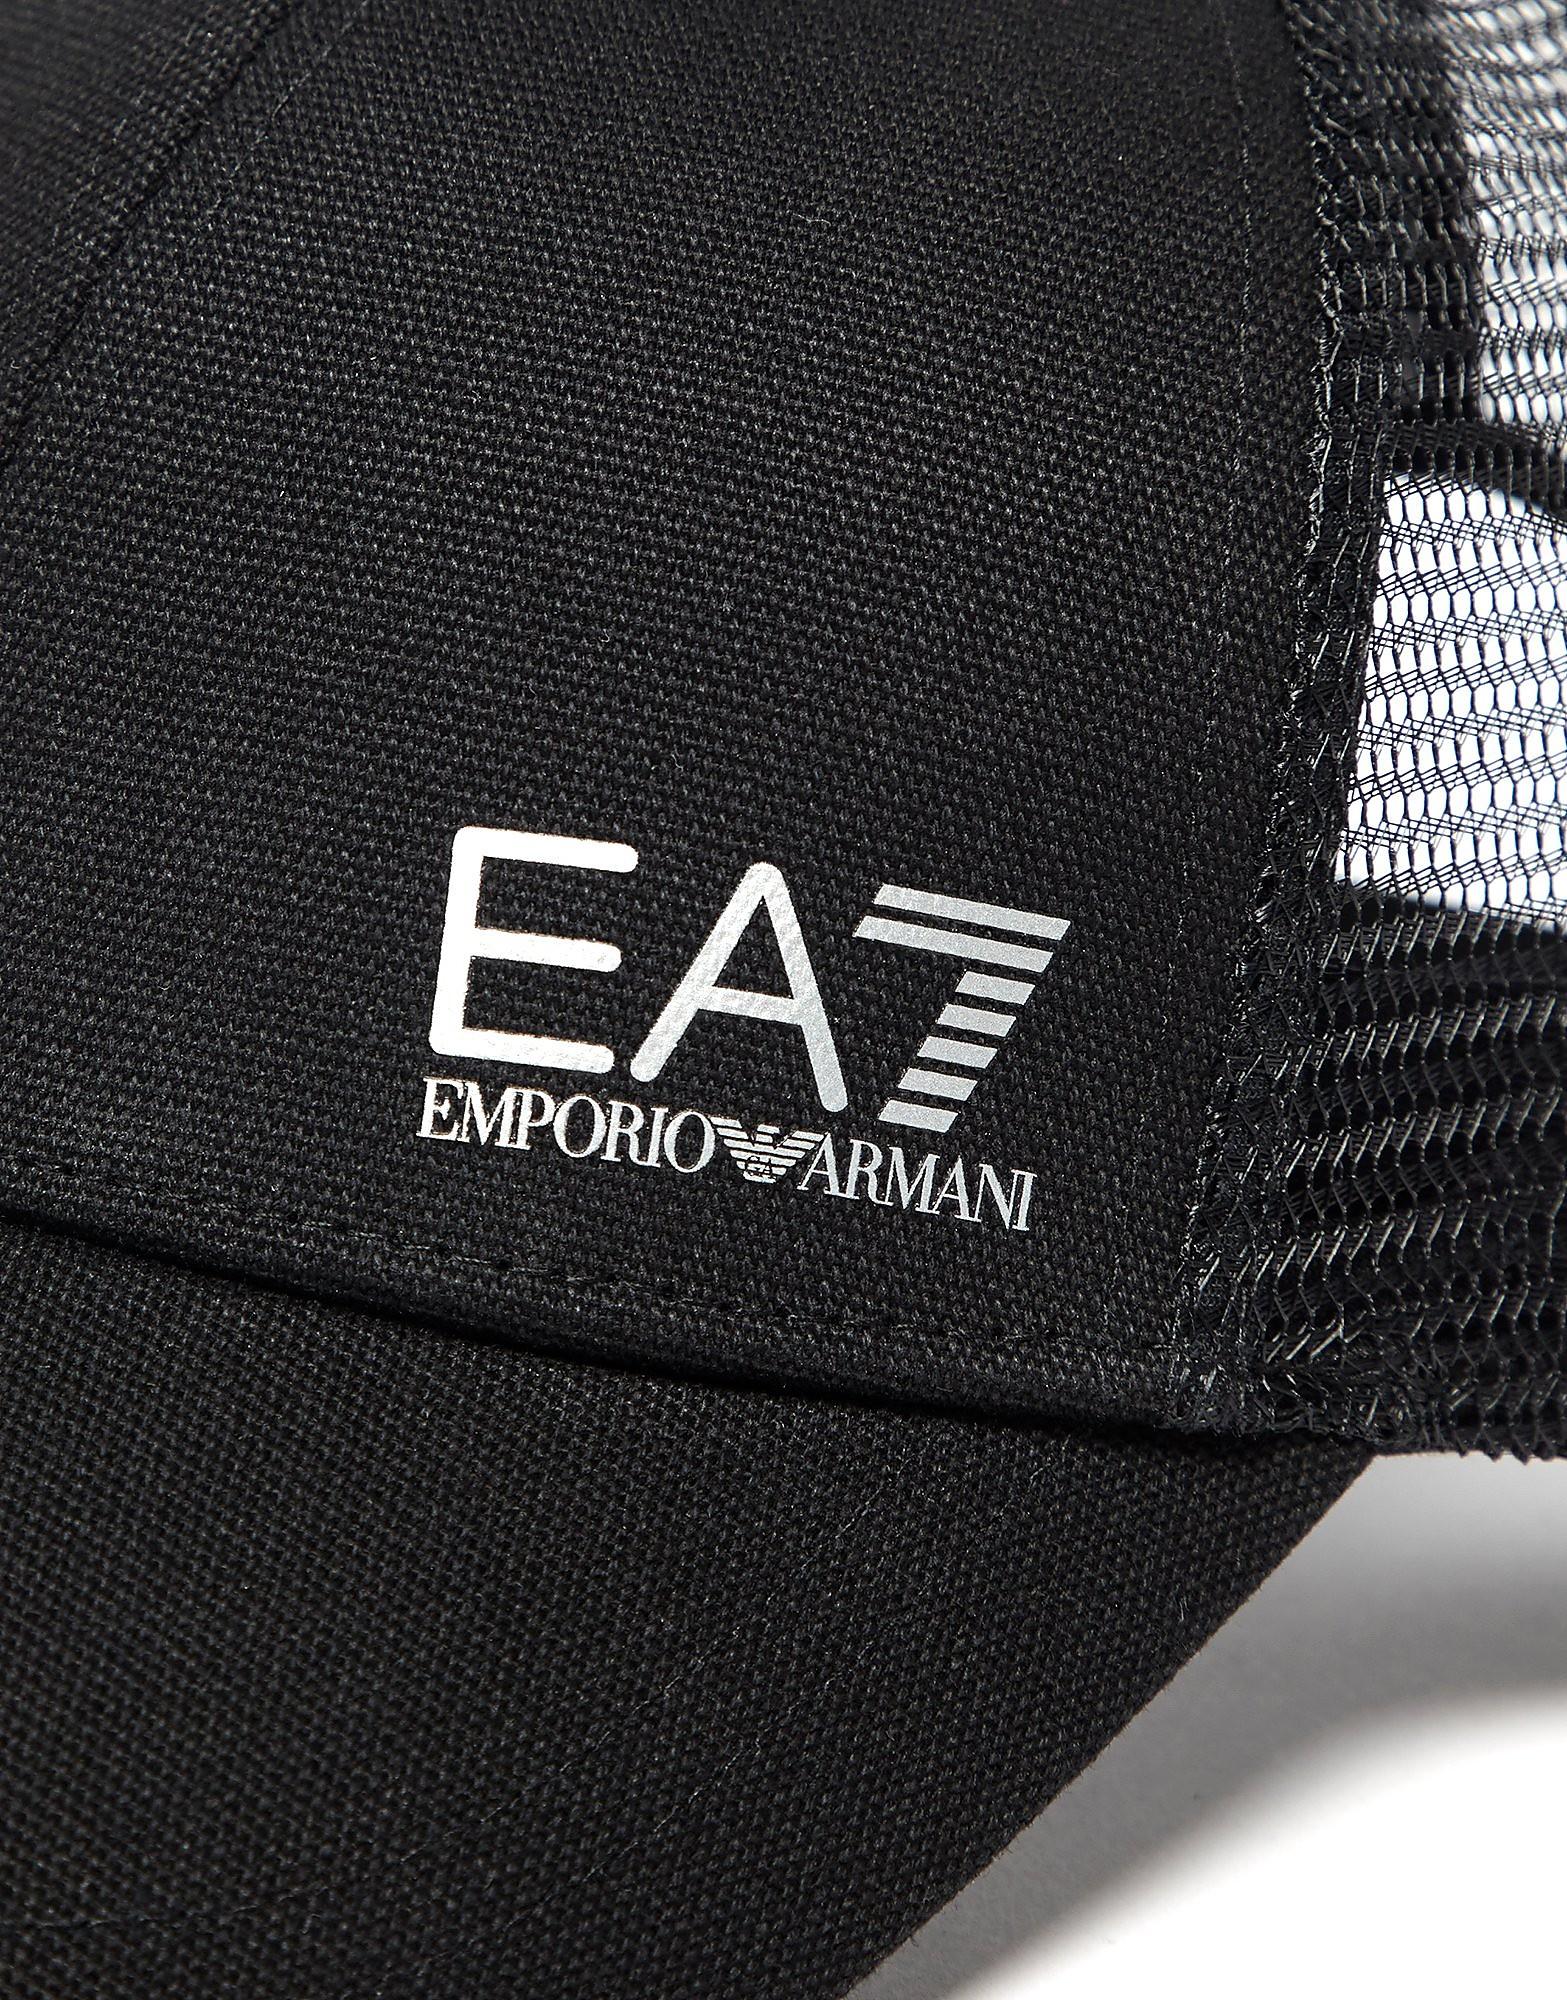 Emporio Armani EA7 Core Trucker Cap